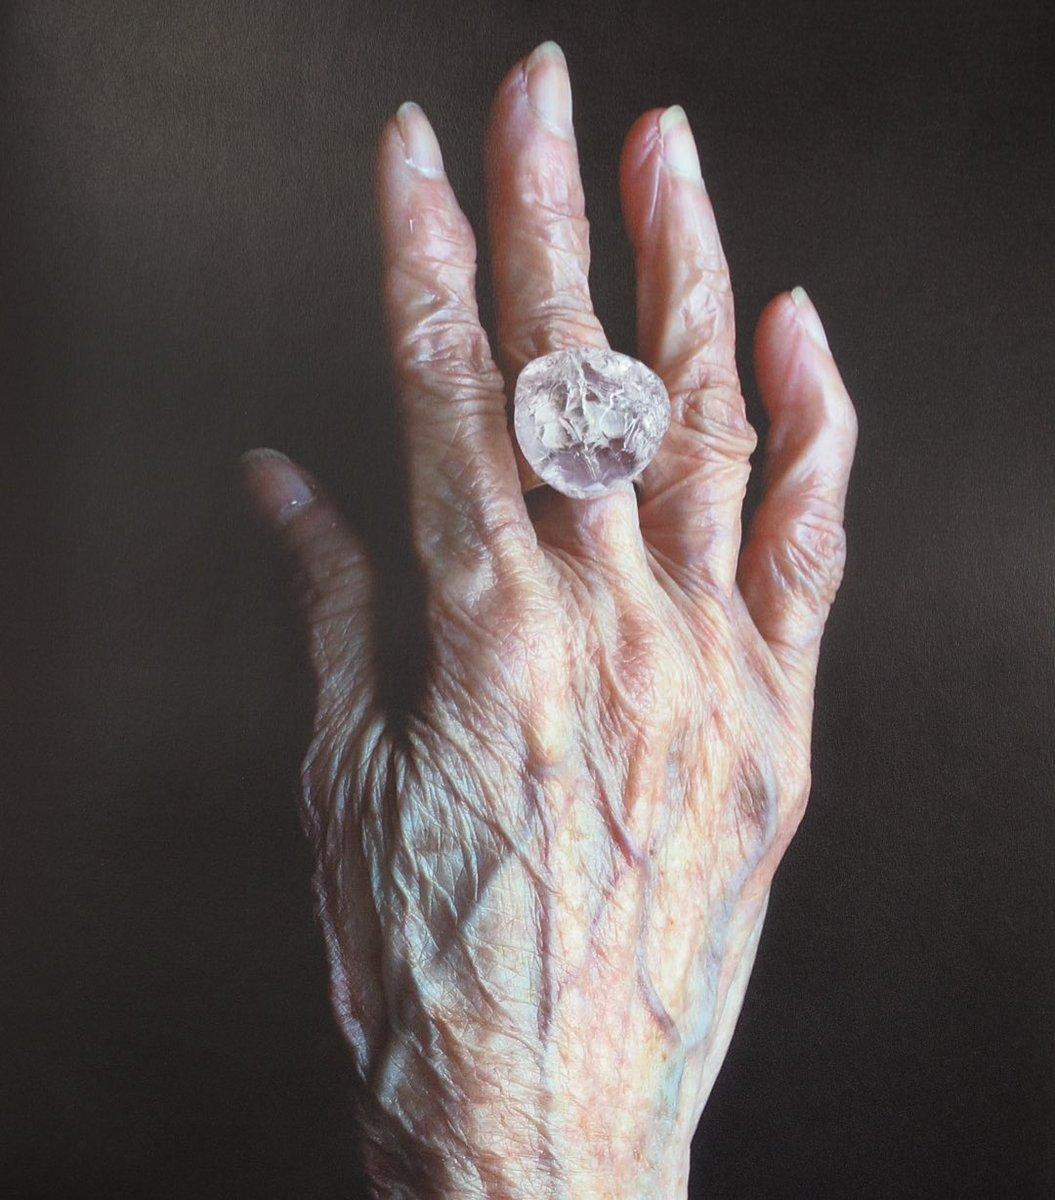 30歳から自分の誕生日にこちらの作家さんの指輪をひとつずつ買い足している。キーボードを打つとき、そして今年は自宅での自粛中にも、指にきれいな石が光っているとそれだけで元気が出た。結論、大きな石の指輪はとてもいいものです。